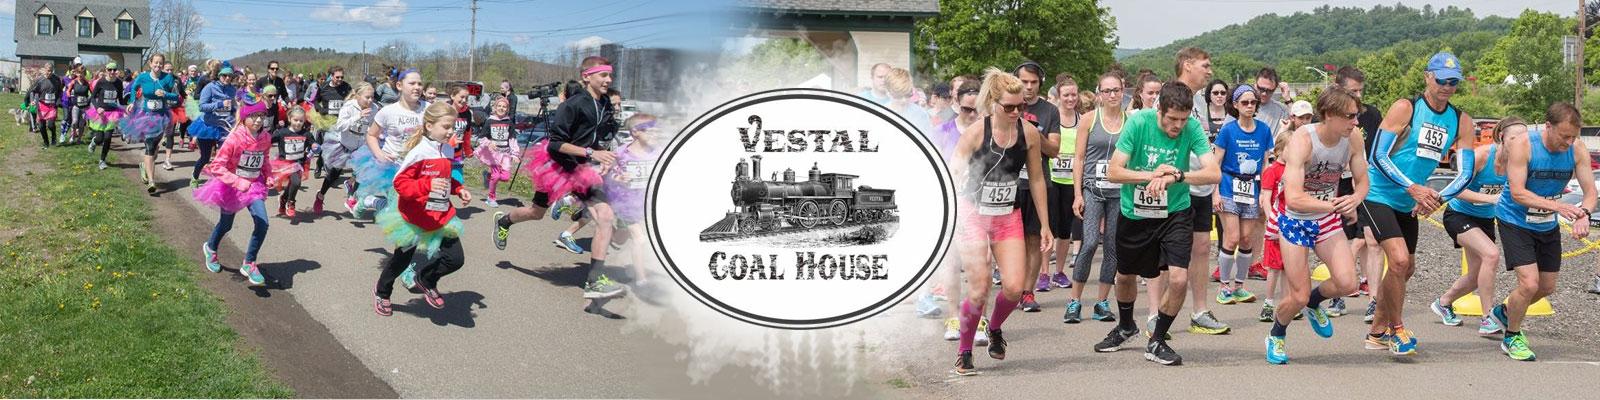 Vestal Coal House BiziFit